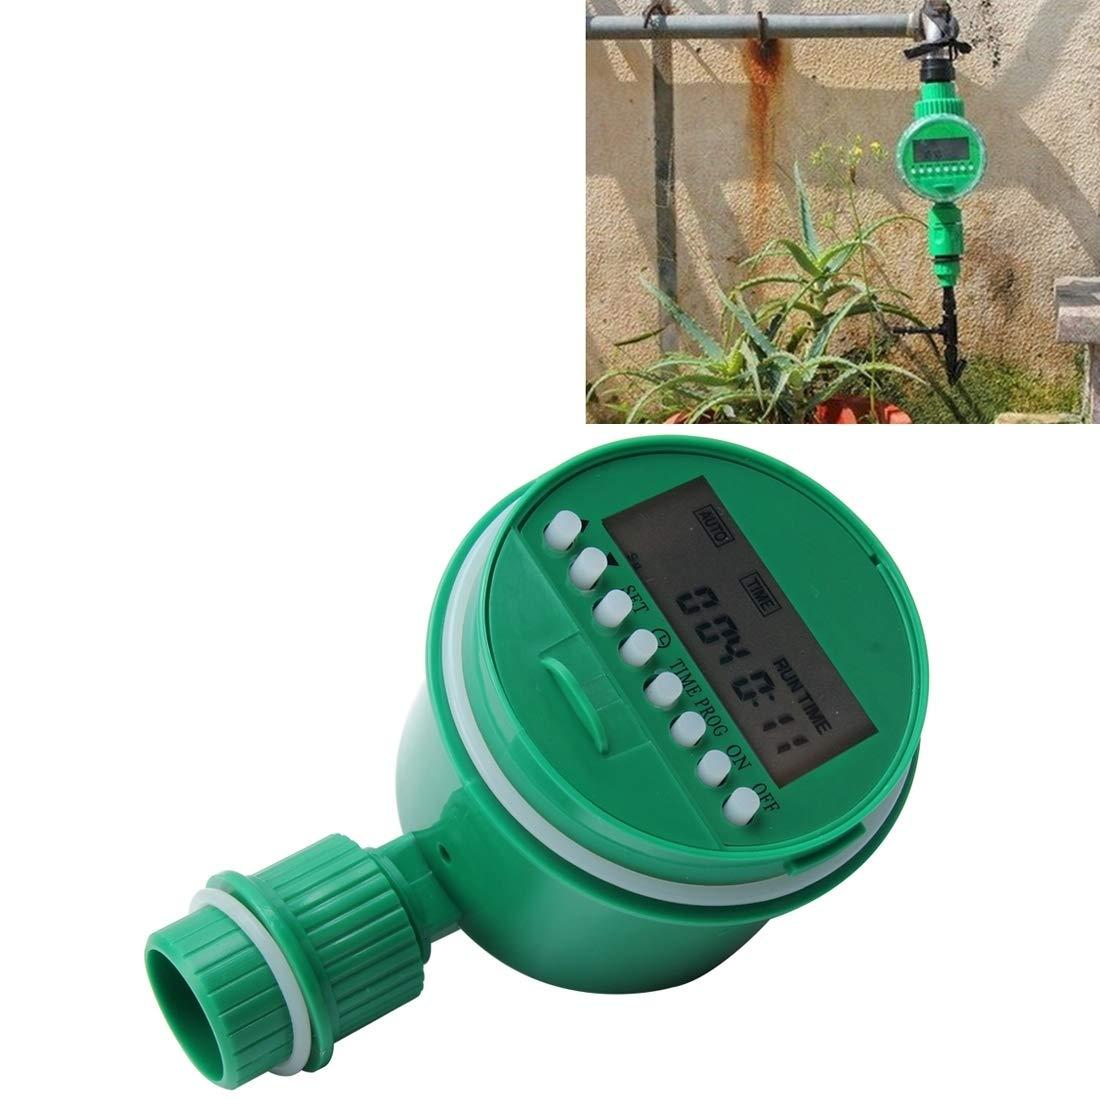 Arte del giardino Timer del programmatore di irrigazione automatico irrigazione del giardino, kit di irrigazione del regolatore di temporizzazione di irrigazione a pioggia, Dimensioni  14,3  8  7,5